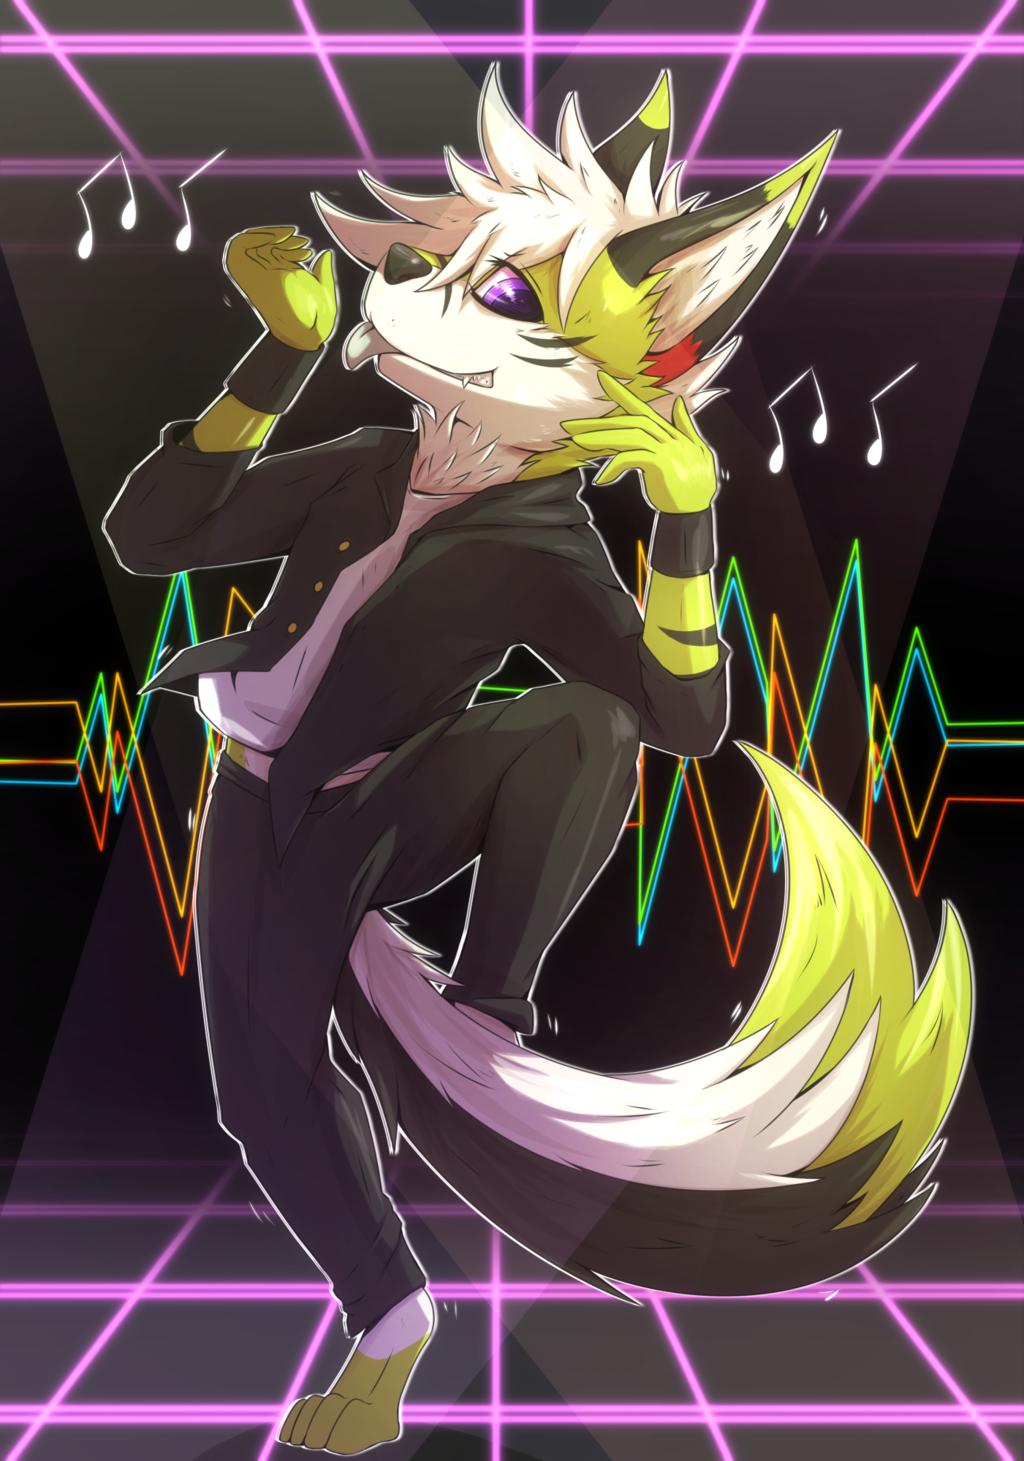 Most recent image: Let's Dance! ([FURUM2018)